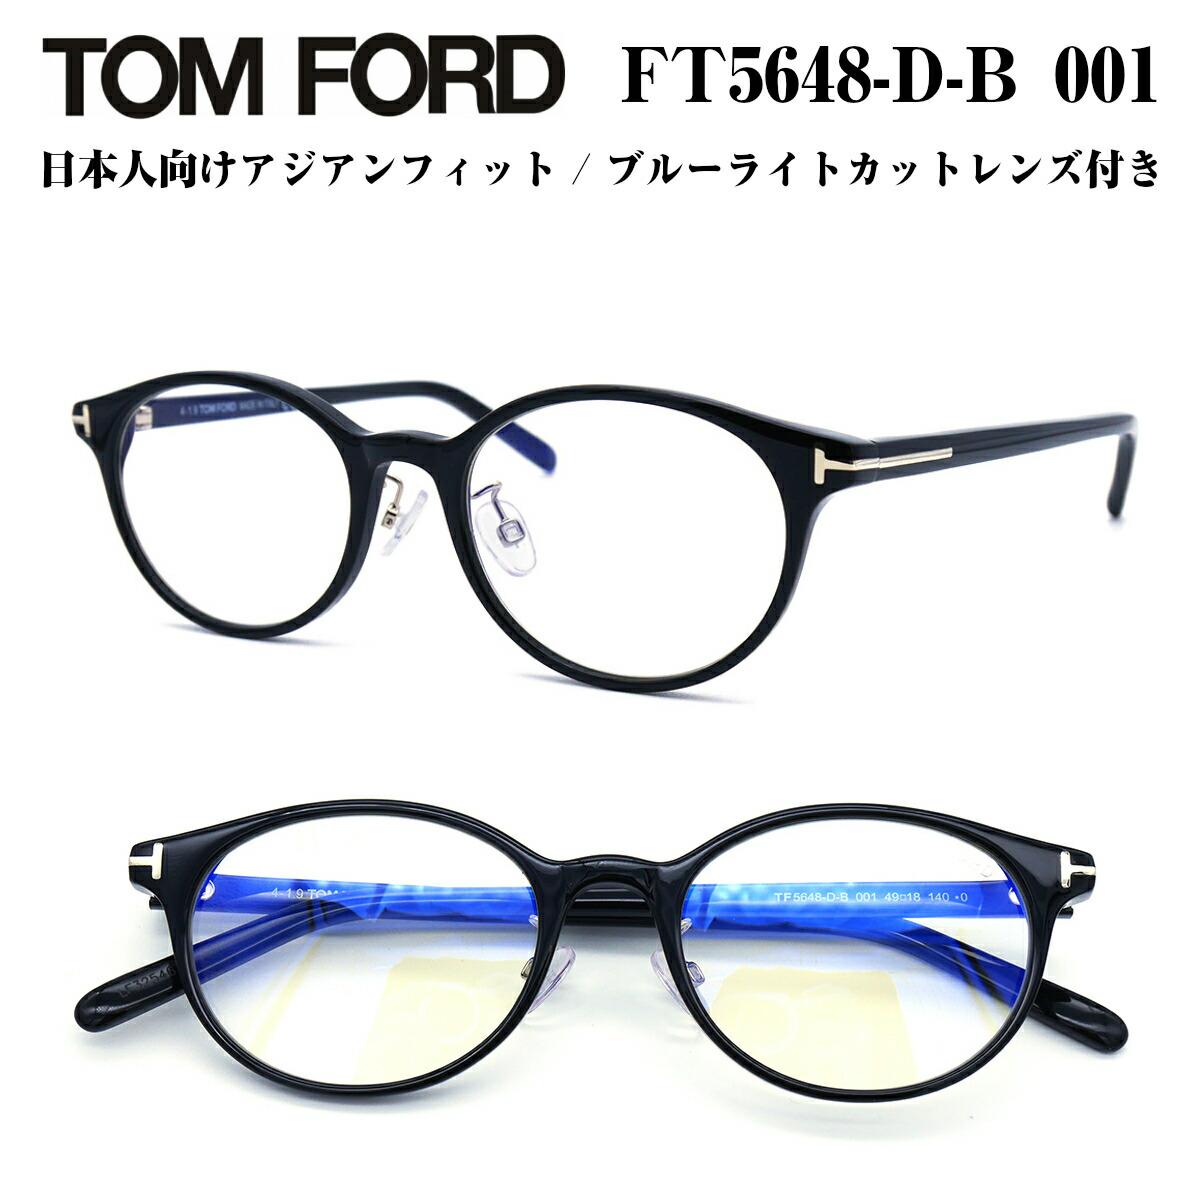 TOM FORD トムフォード FT5648DB-001 (TF5648DB-001) 49 サイズ メガネ 眼鏡 めがね フレーム アジアンフィット ブルーライトカットレンズ付き ダテメガネ 正規品 度付き対応 TOMFORD メンズ 男性 おしゃれ 日本企画